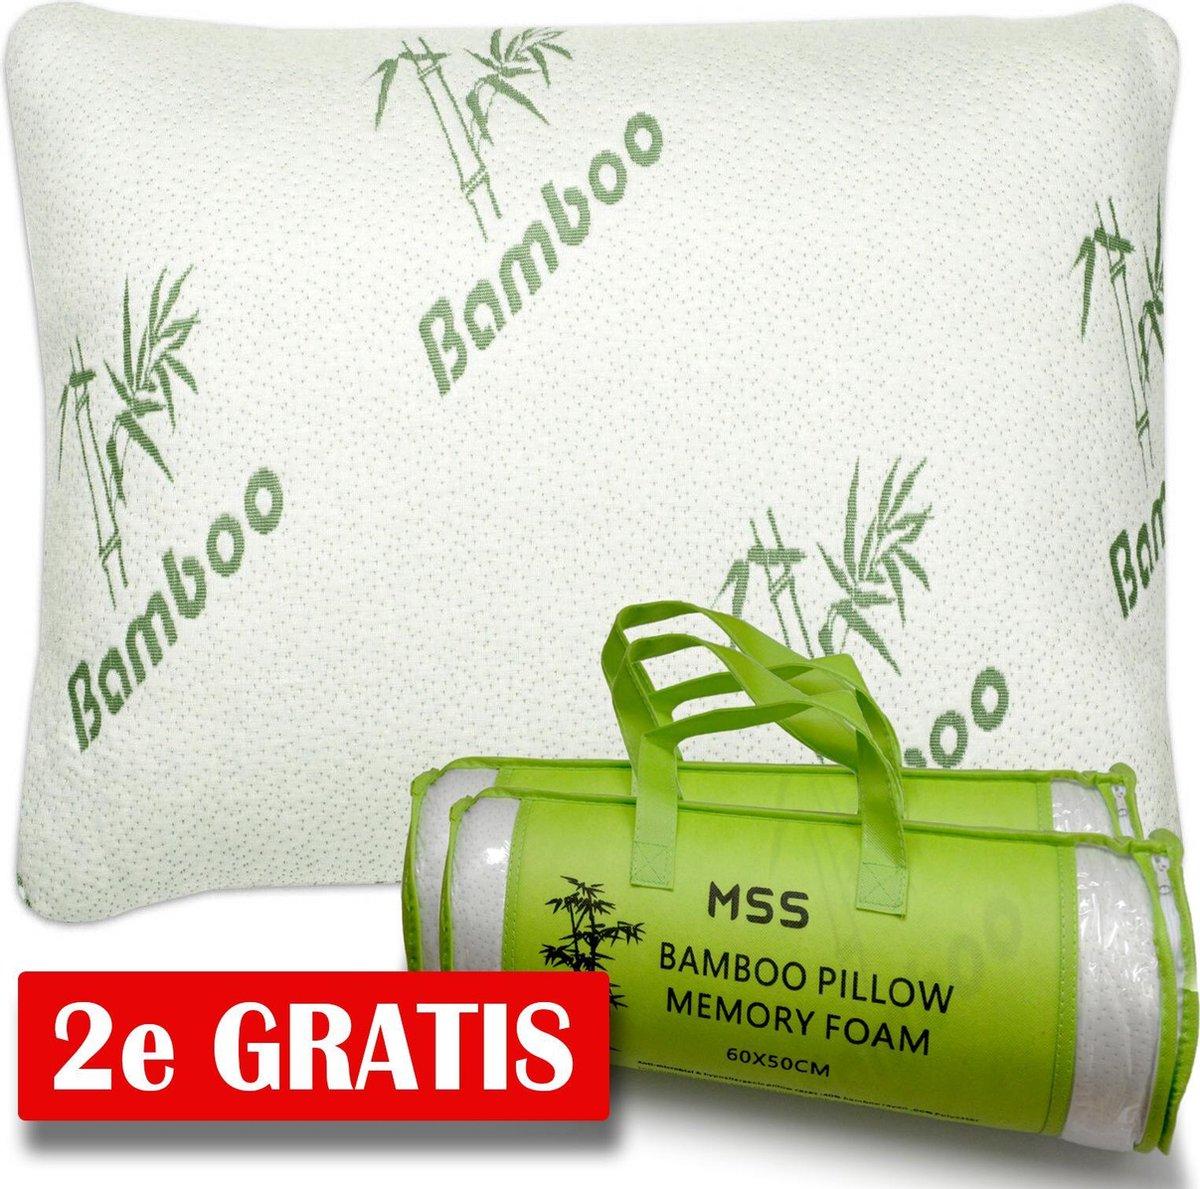 MSS - 2x Bamboe kussen | Origineel Bamboo Kussen 2x | Cool Comfort | Memory Foam| Zacht, Koel & Druk